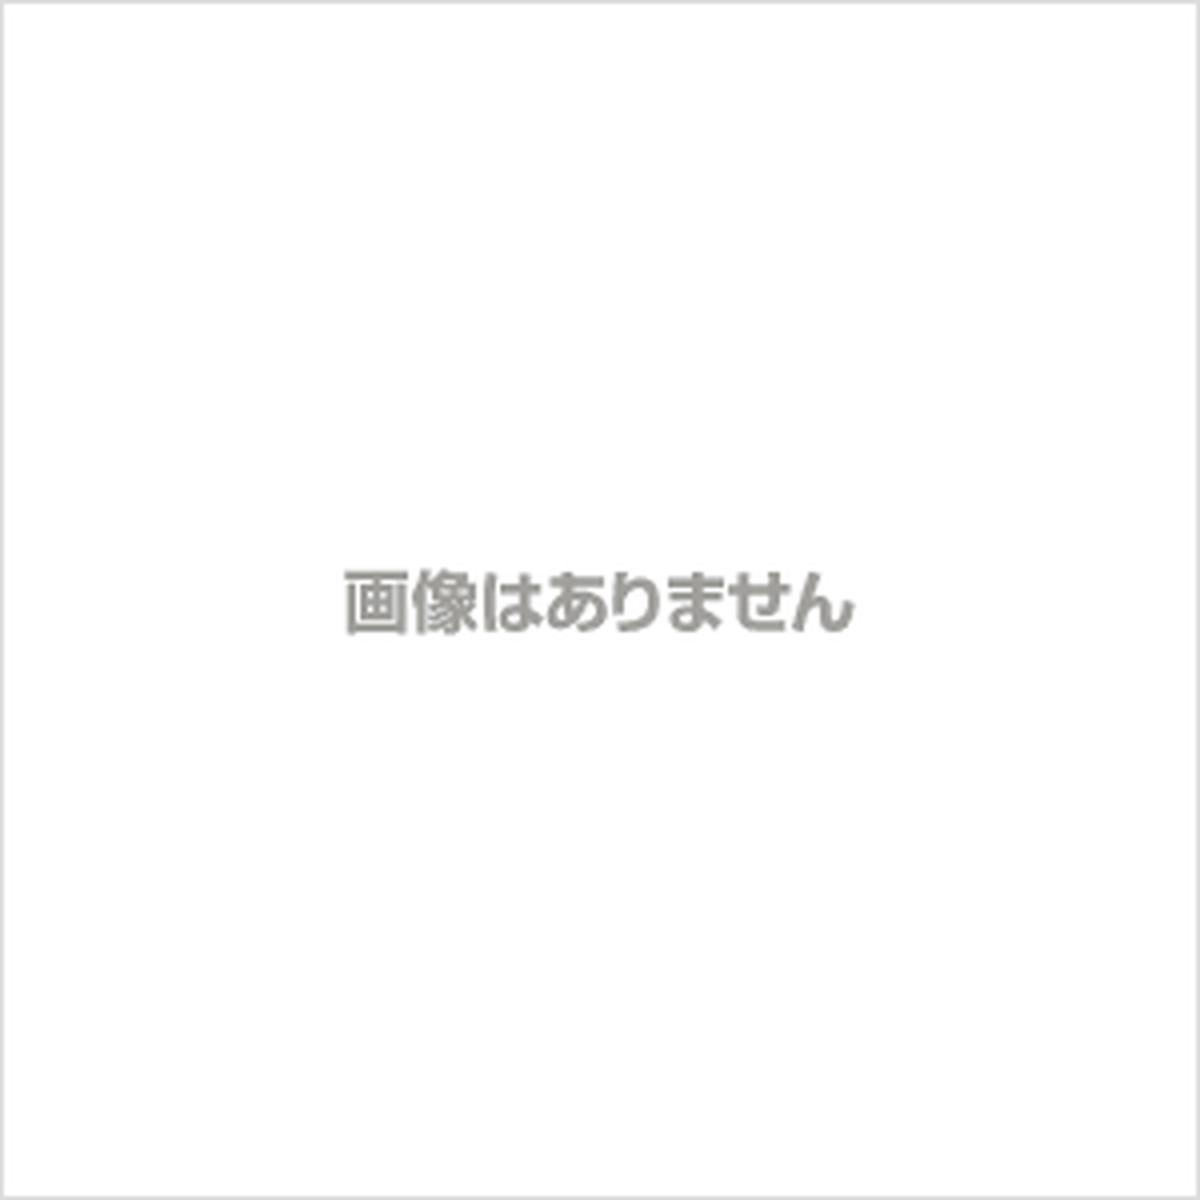 アイリスオーヤマ チェスト スリム 3段 幅32.4×奥行41×高さ61.5cm ホワイト/ブラウン COD-323【クーポン配布中】